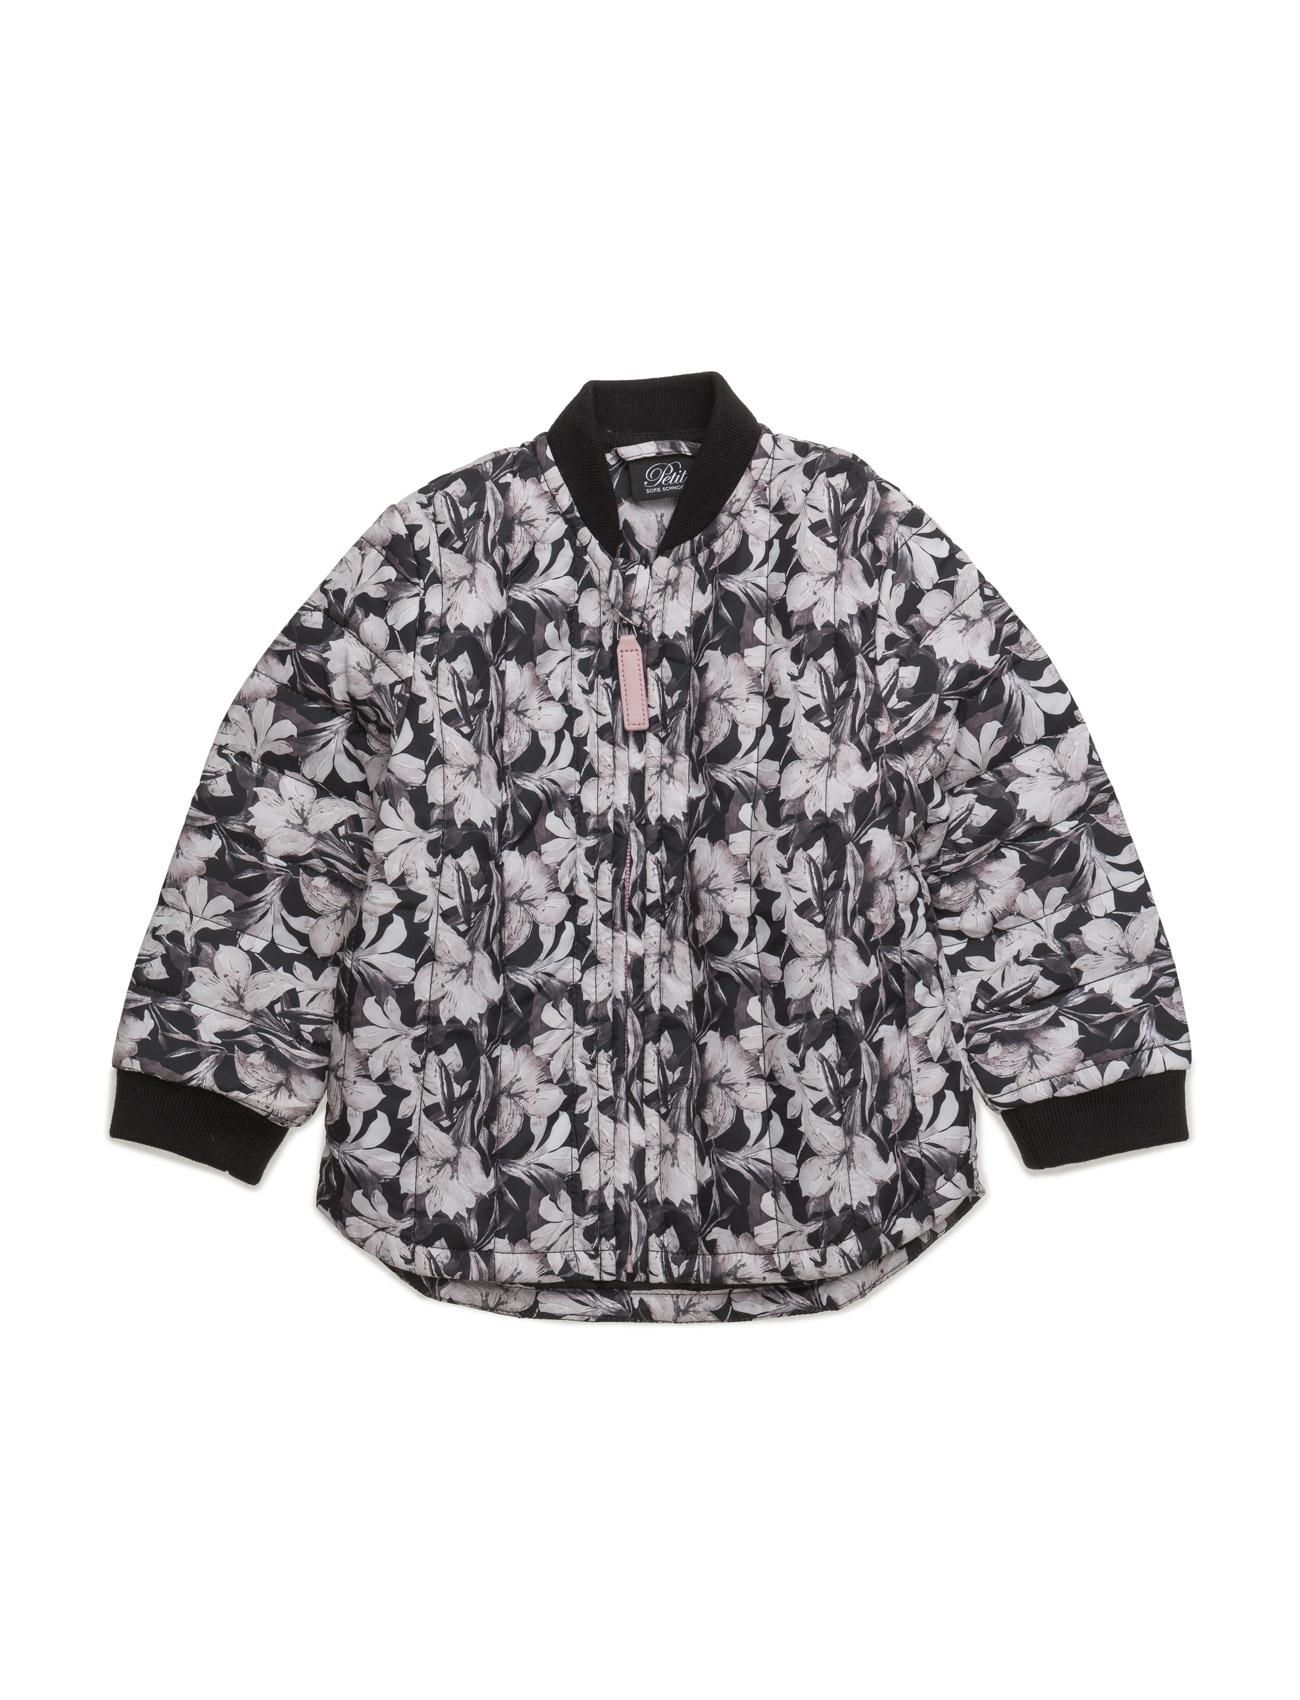 Thermal Jacket Petit by Sofie Schnoor Overtøj til Piger i